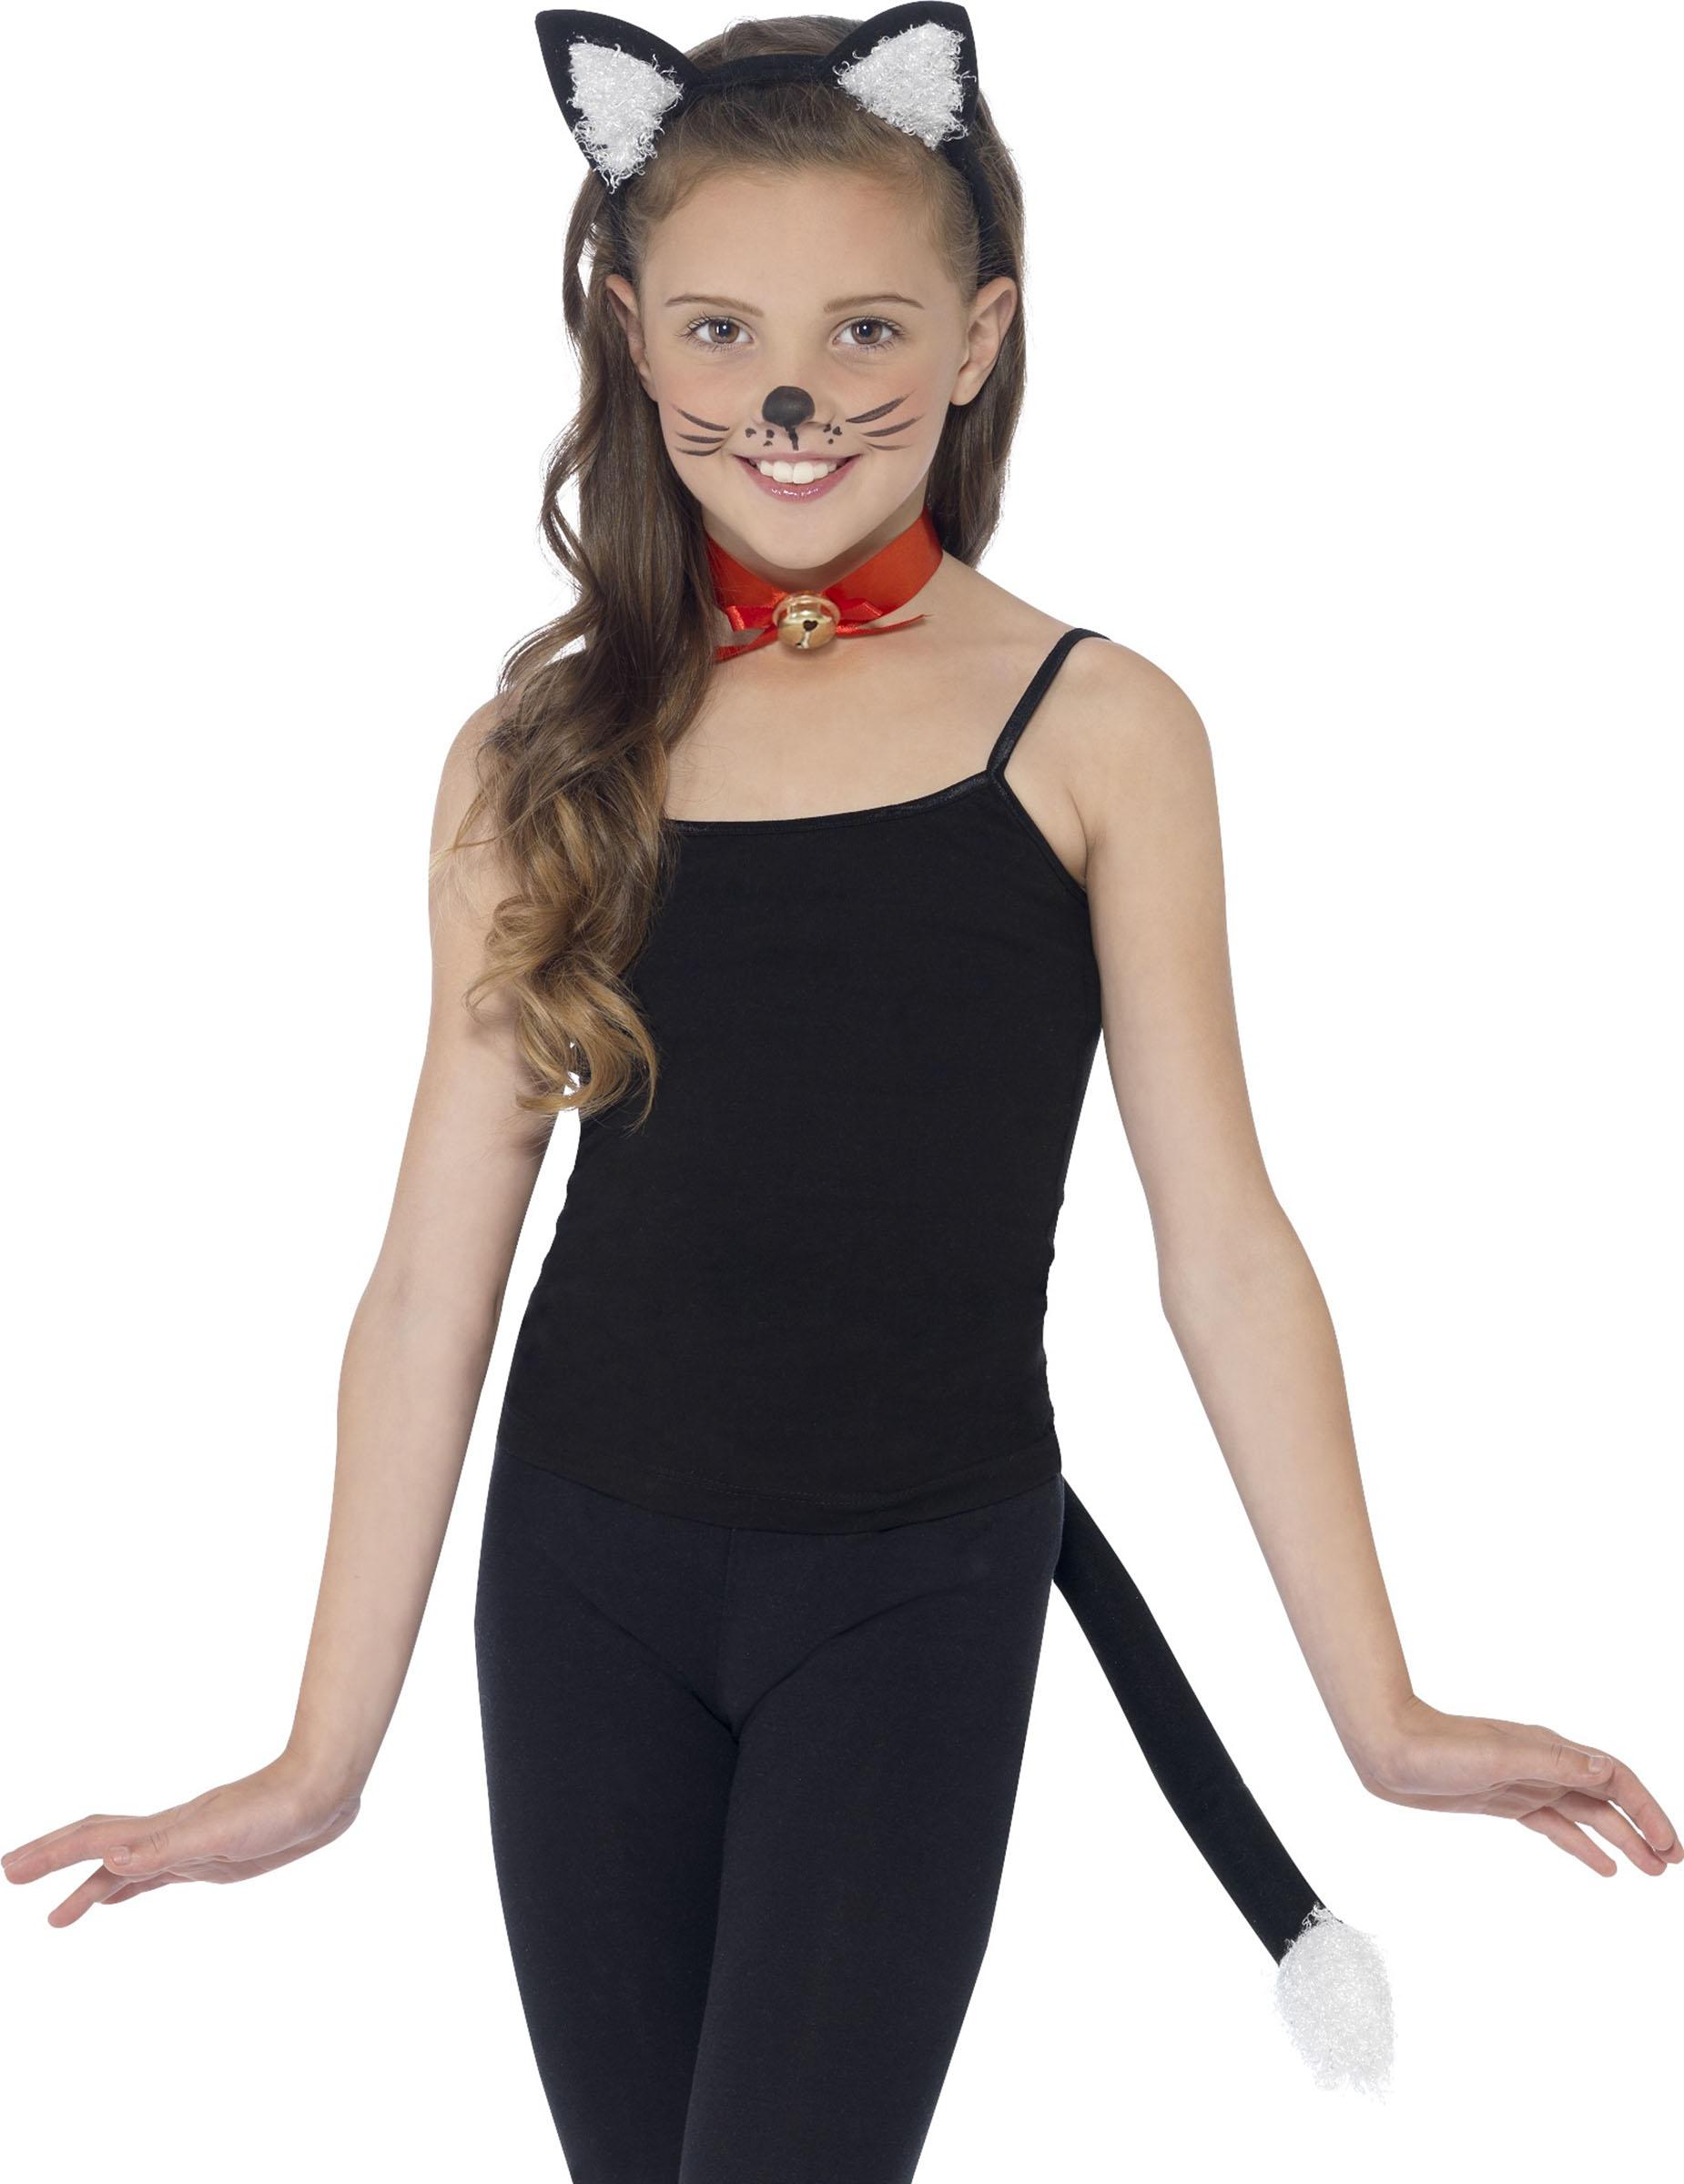 Süßes Katzenkostüm-Set für Kinder mit Katzenohren Katzenschwanz Katzen Halsband